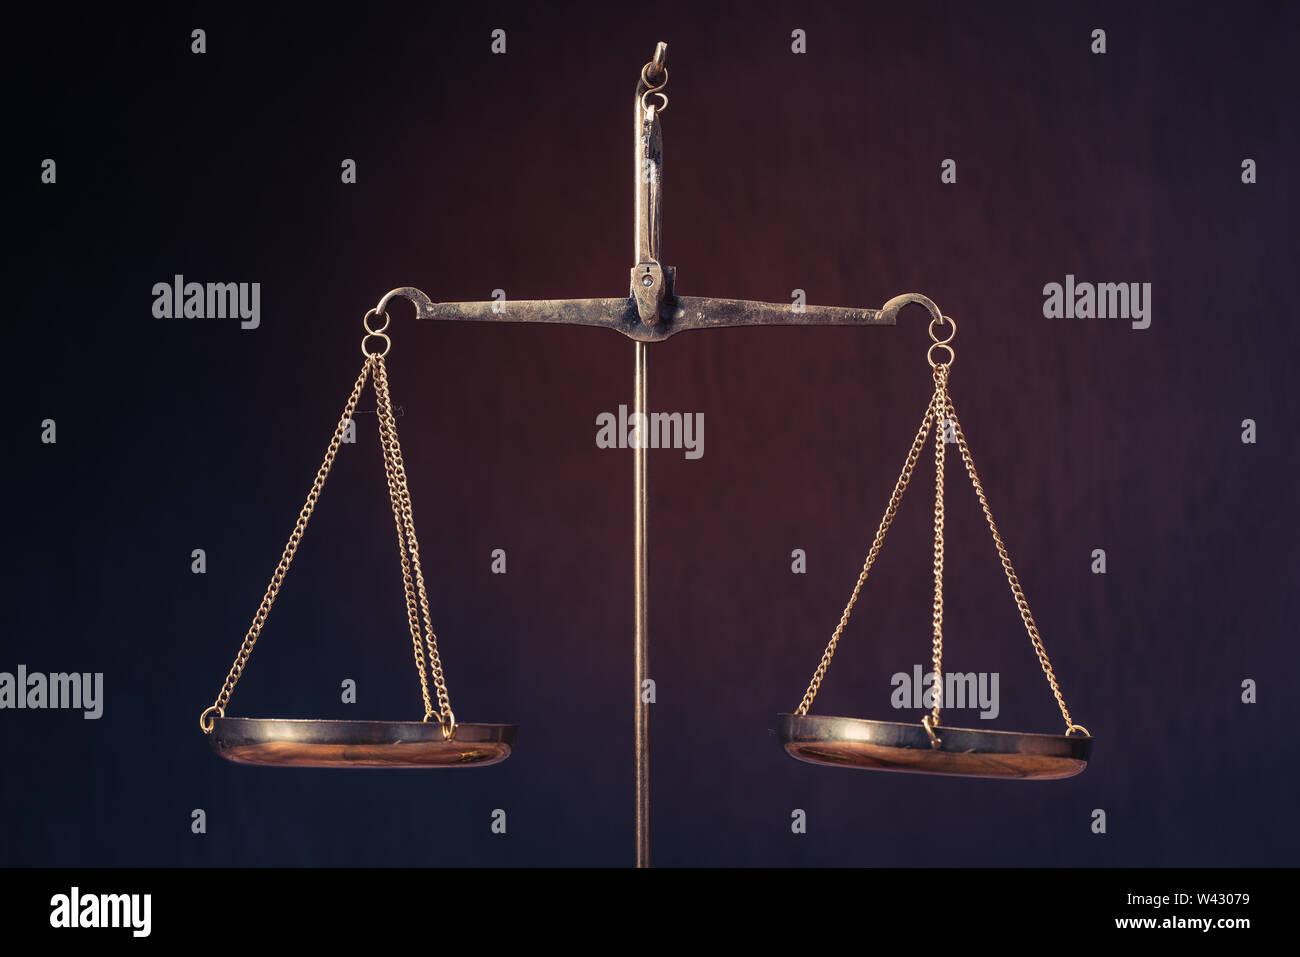 Ley escalas sobre tabla. Símbolo de la justicia - Imagen Foto de stock